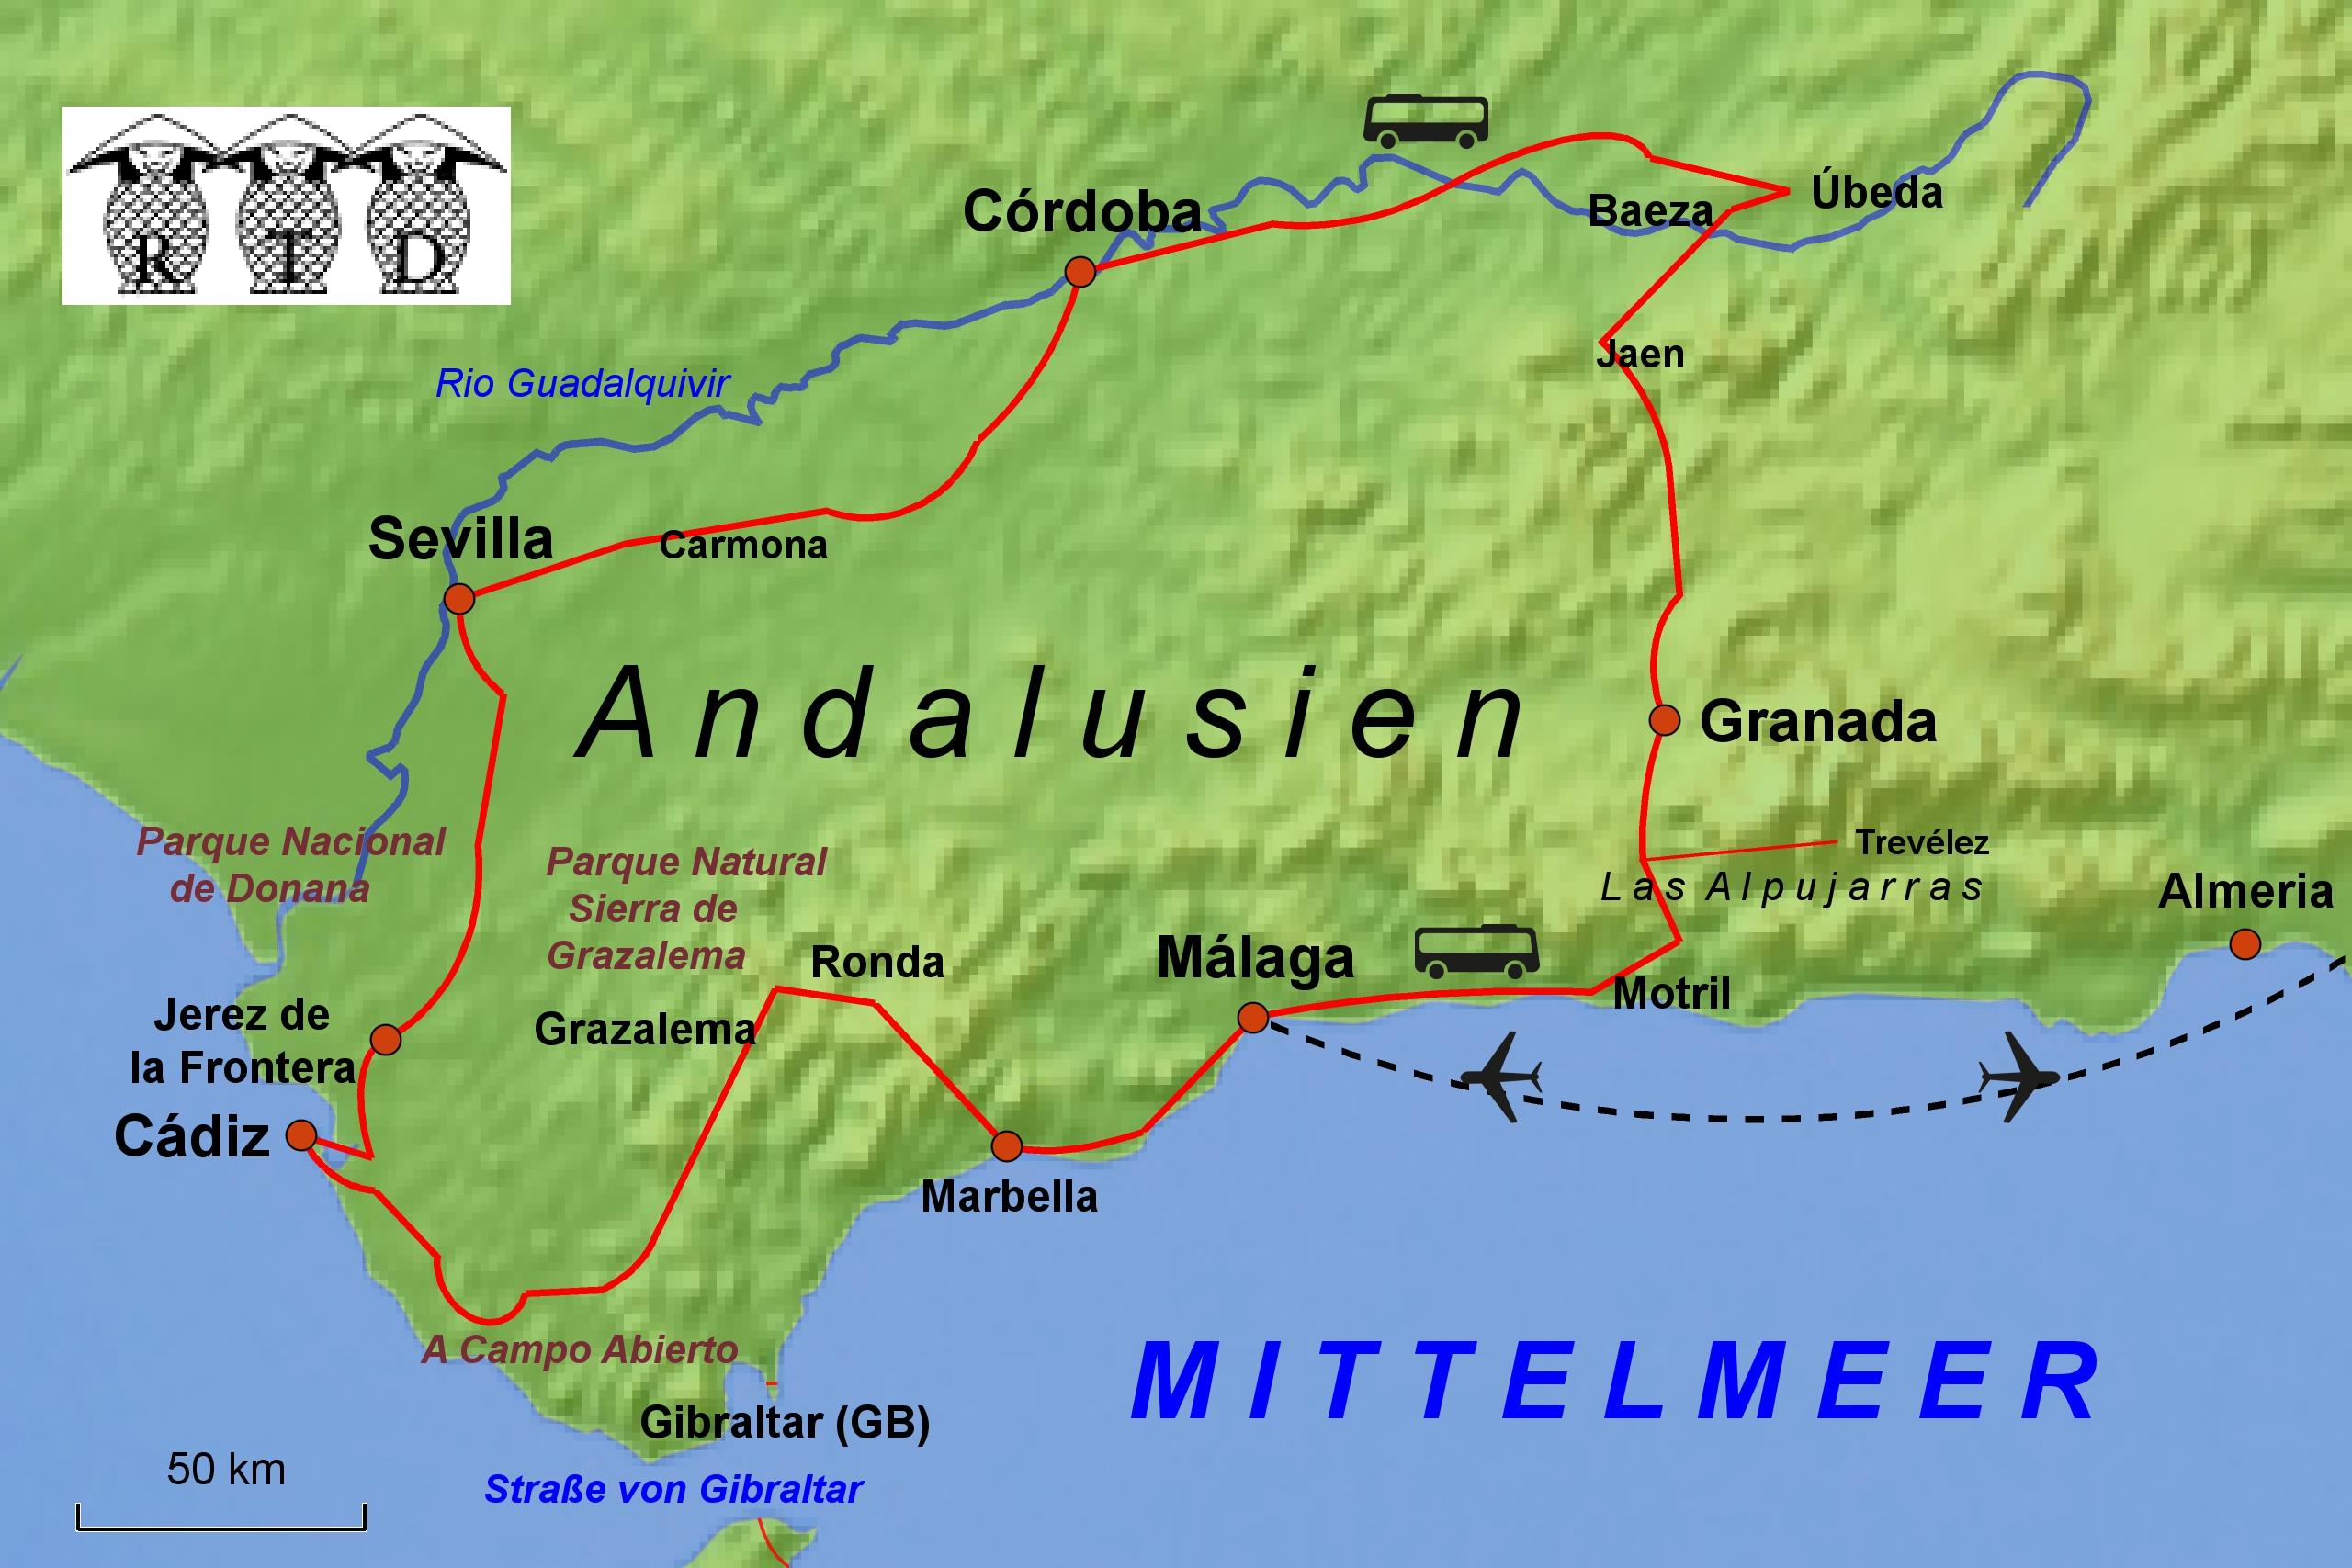 flughafen andalusien karte RTD Reisen: Reiseziele / Europa / Spanien flughafen andalusien karte